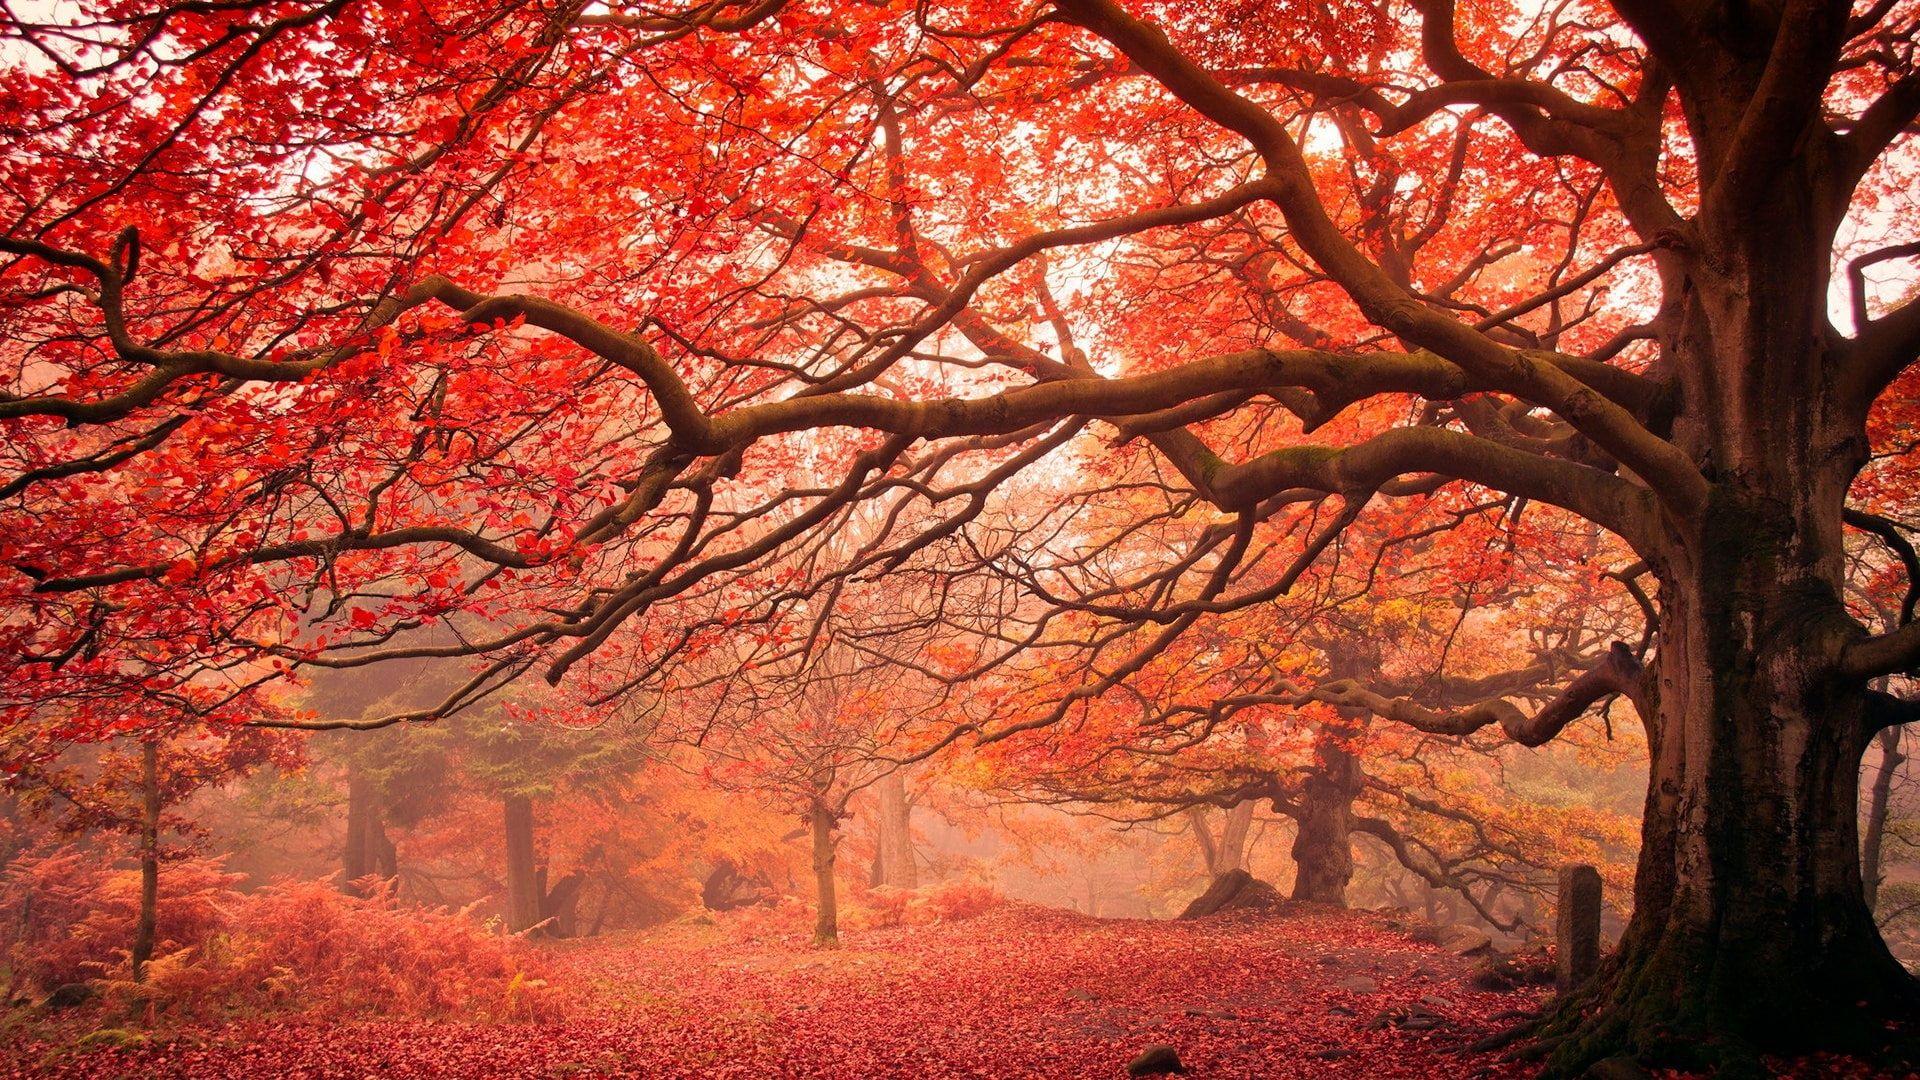 Red Leaves Autumn Leaves Tree Autumn Landscape Deciduous Autumn 1080p Wallpaper Hdwallpaper Des Autumn Landscape Landscape Sequoia National Park Camping